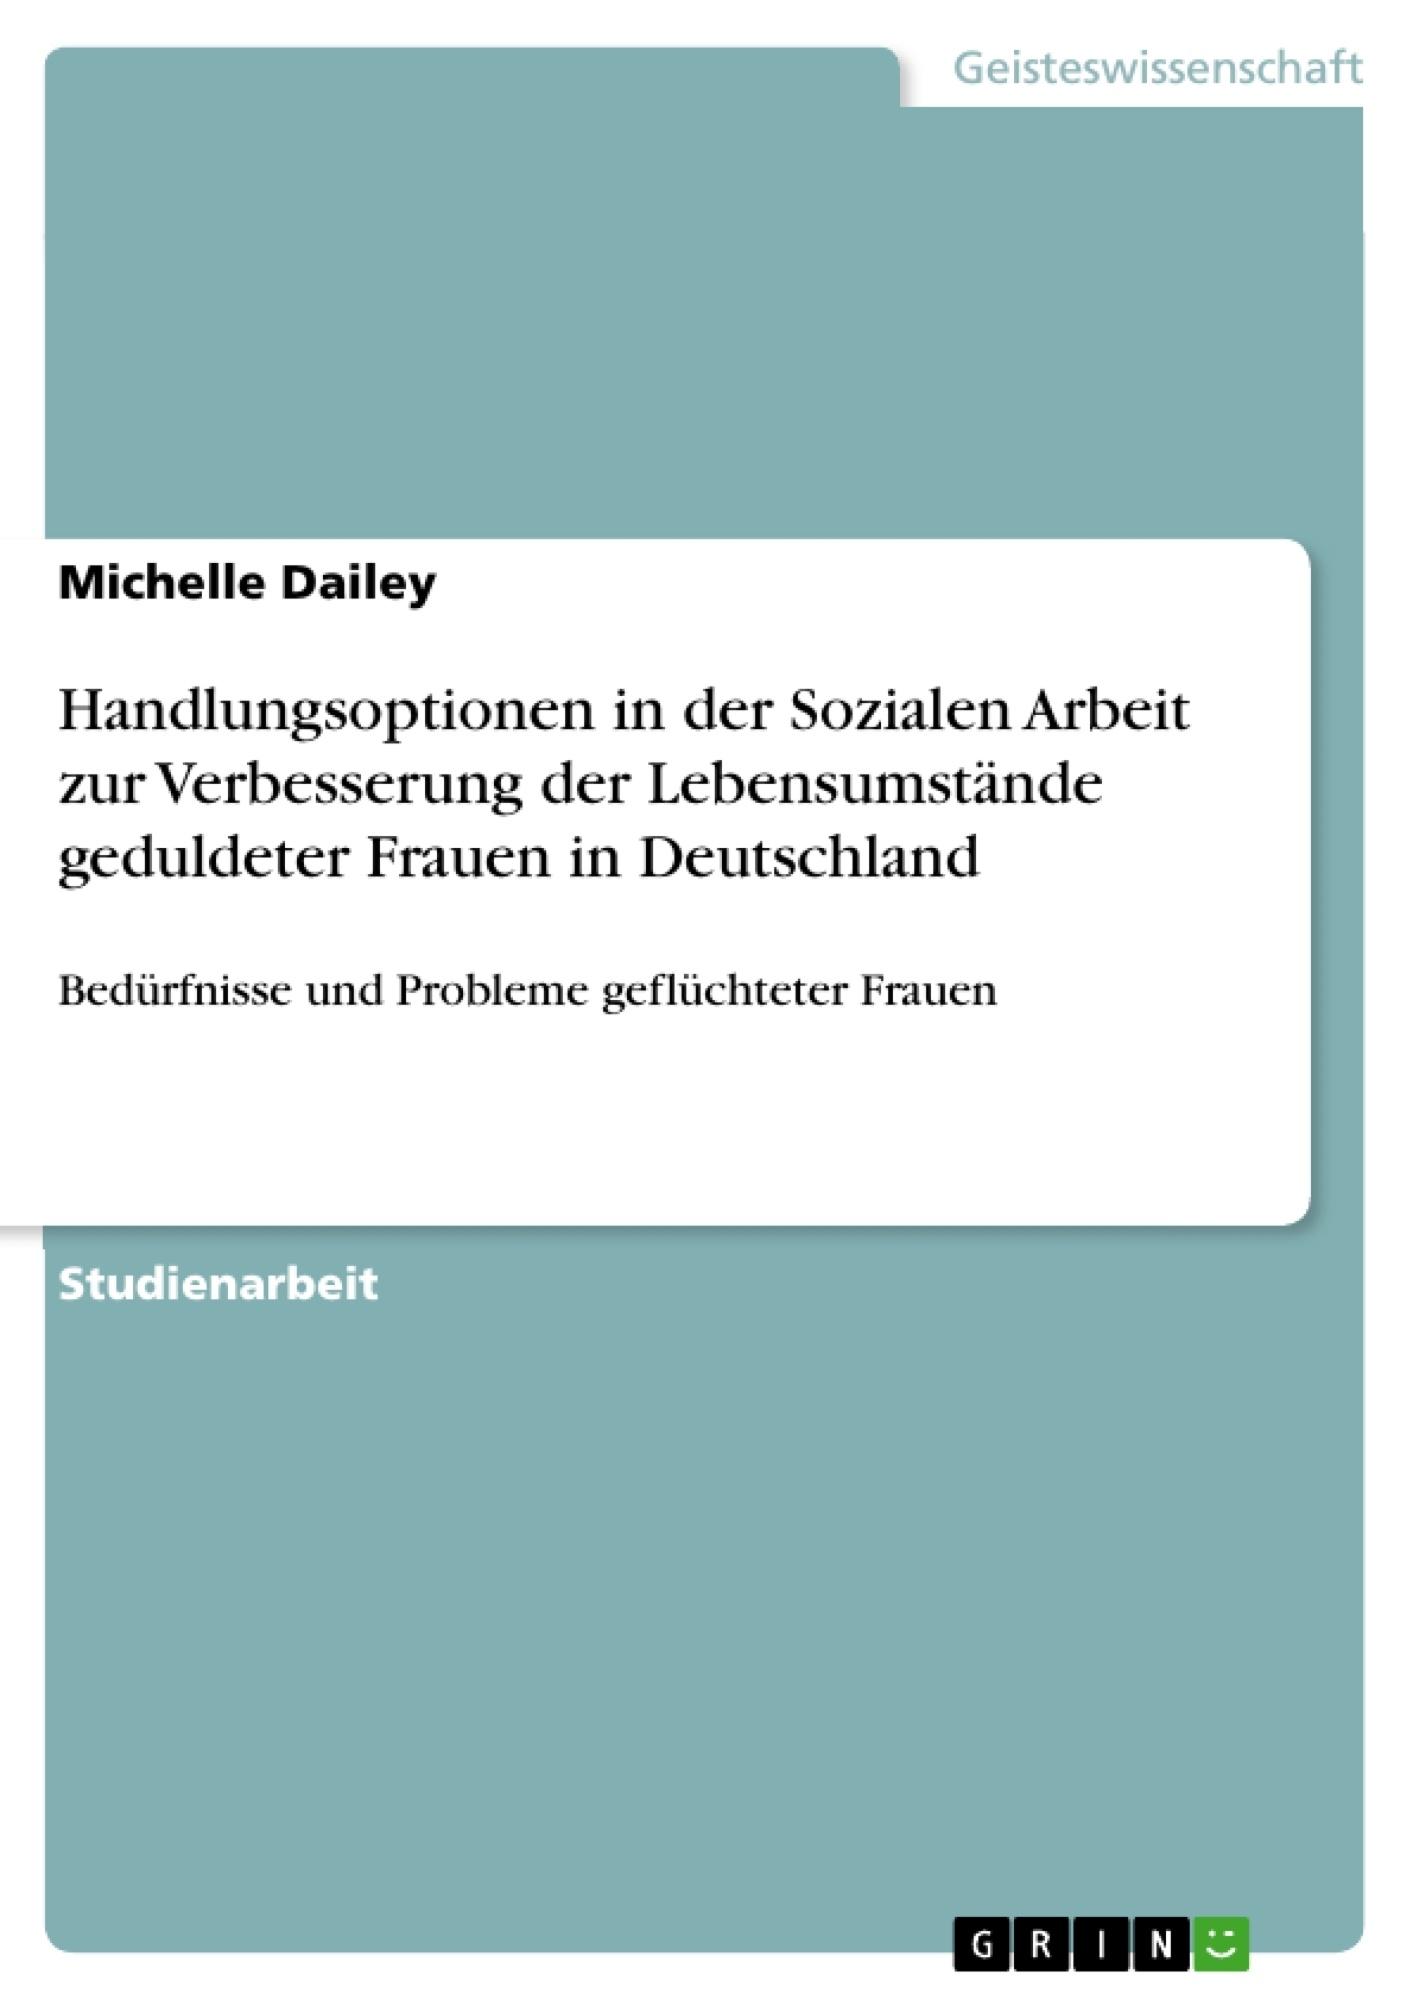 Titel: Handlungsoptionen in der Sozialen Arbeit zur Verbesserung der Lebensumstände geduldeter Frauen in Deutschland